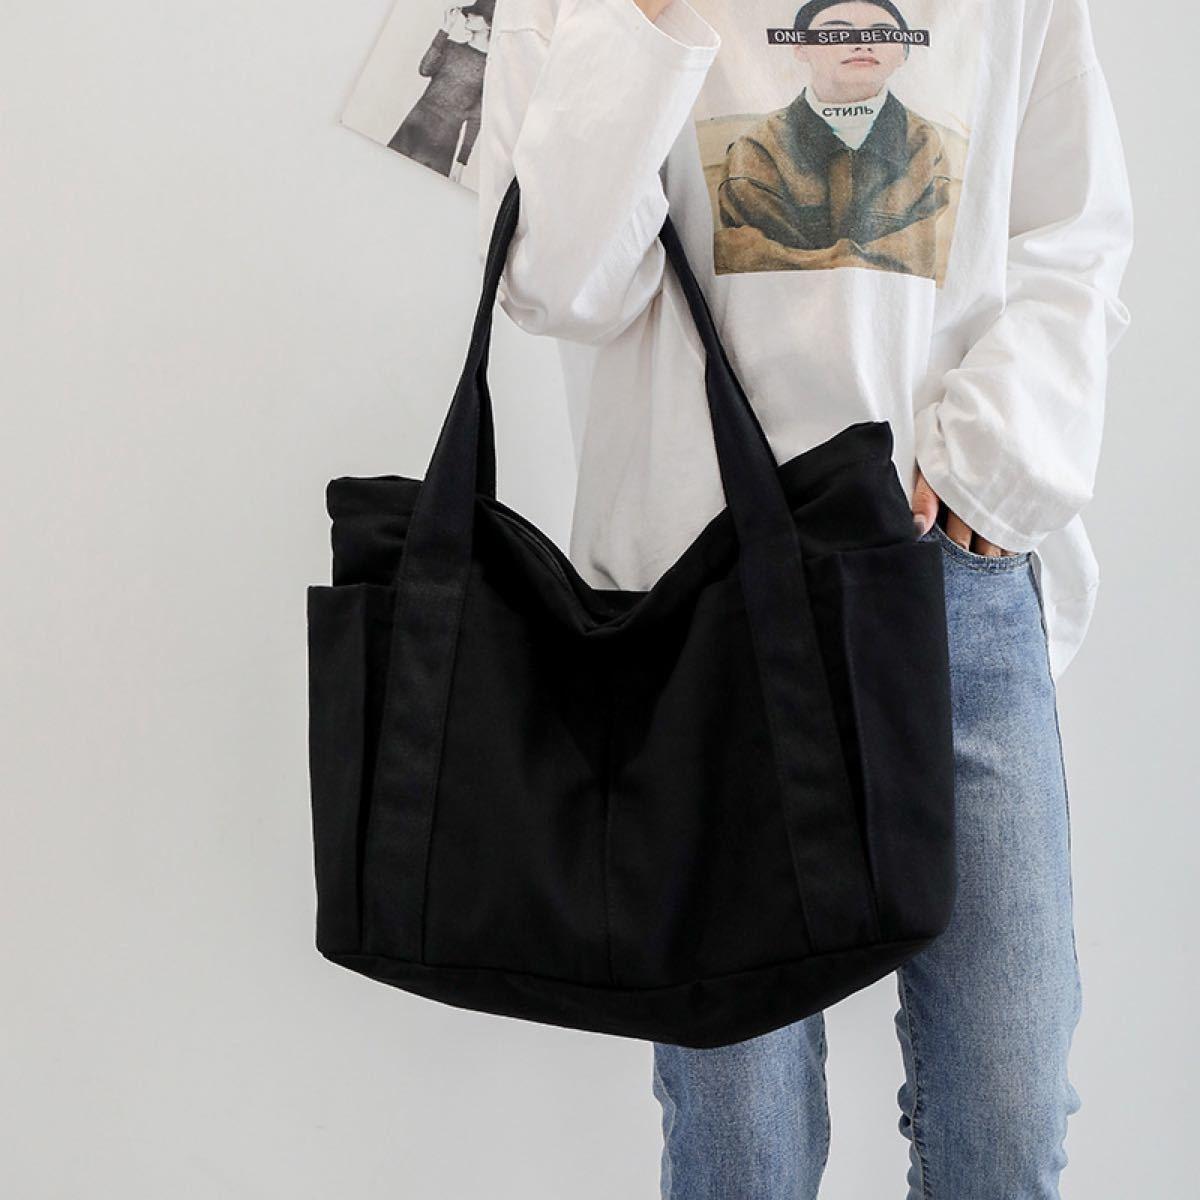 キャンバスバッグ  トートバッグ 大容量 マザーズバッグ 帆布 シンプル